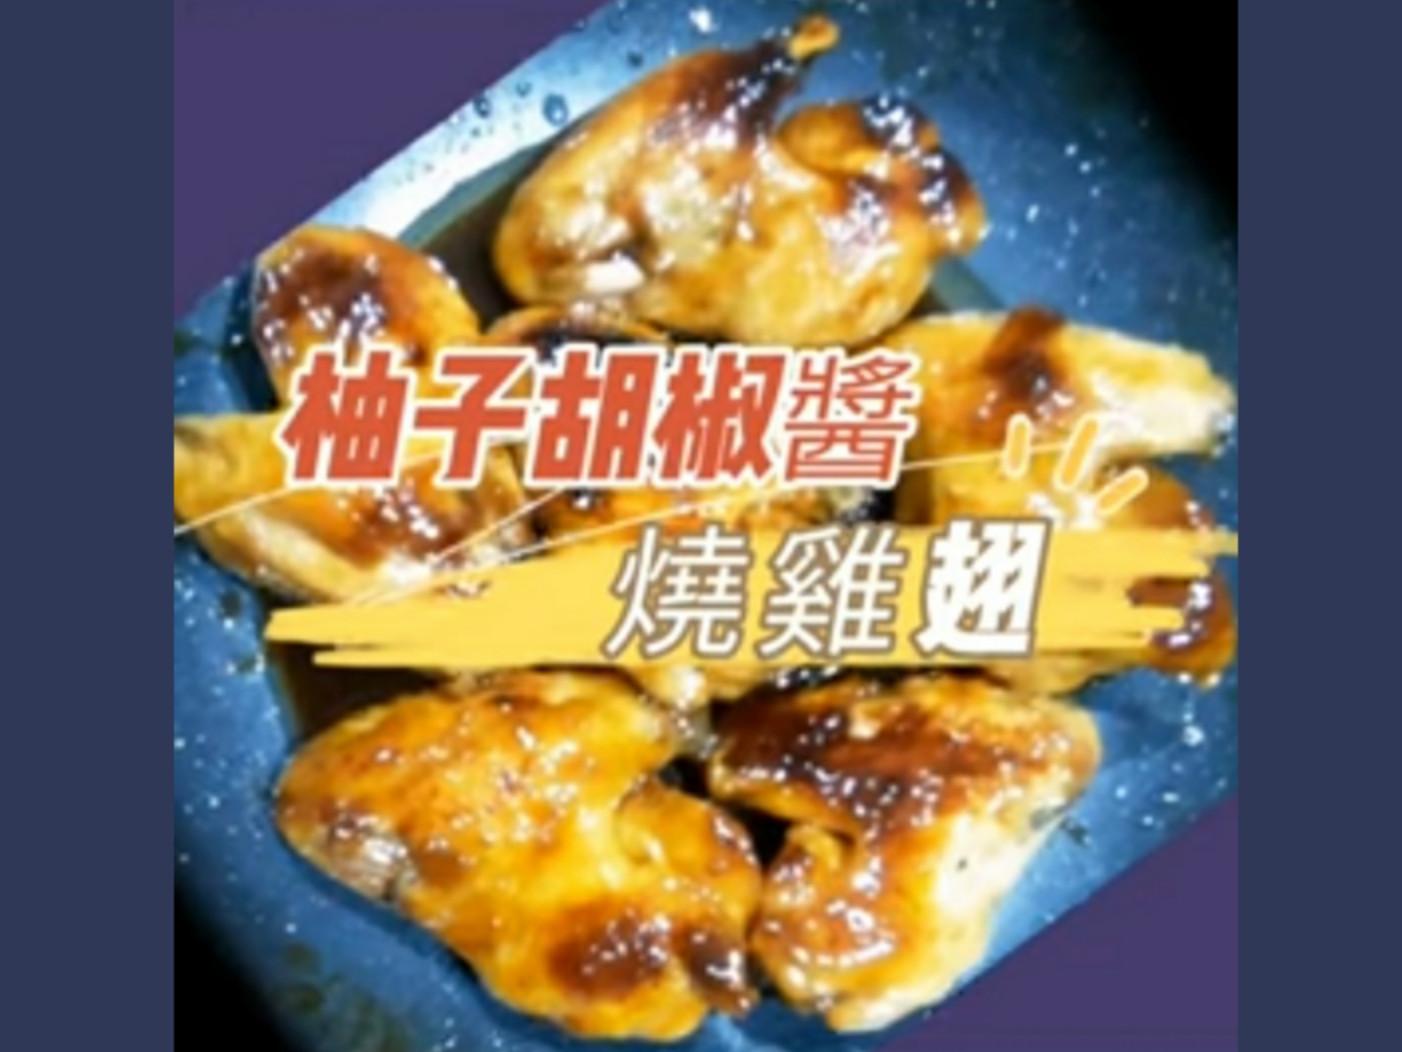 柚子胡椒醬   燒雞翅(有影片)